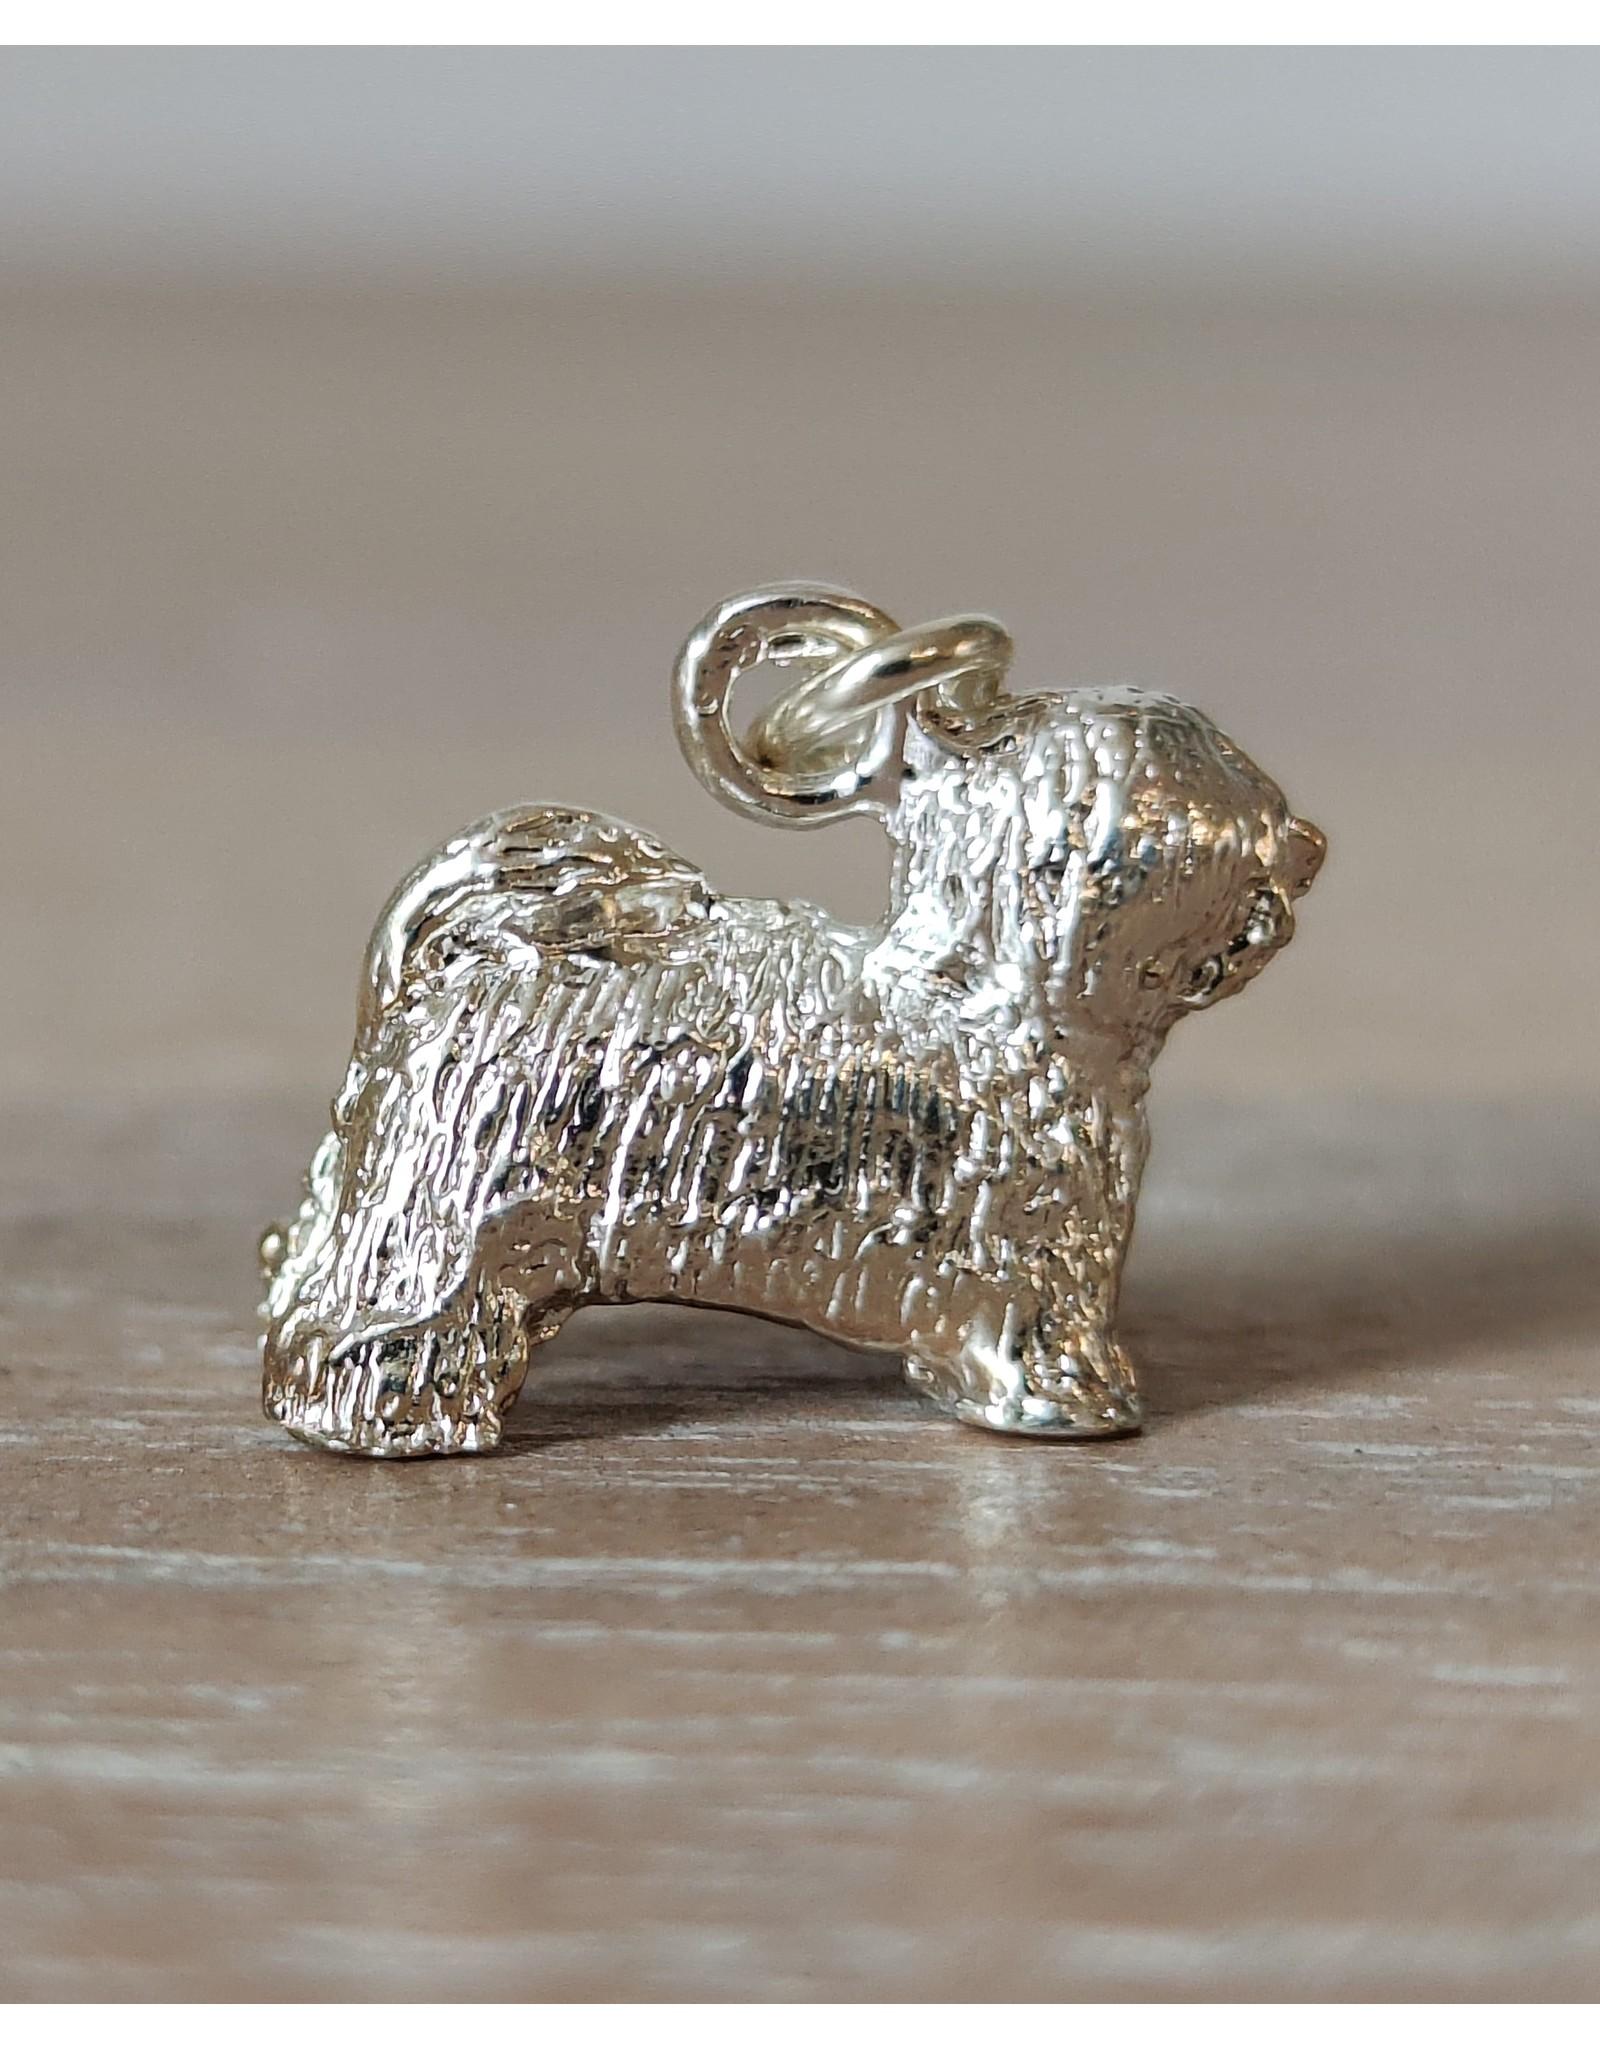 Handmade by Hanneke Weigel Sterling silver Coton de tulear